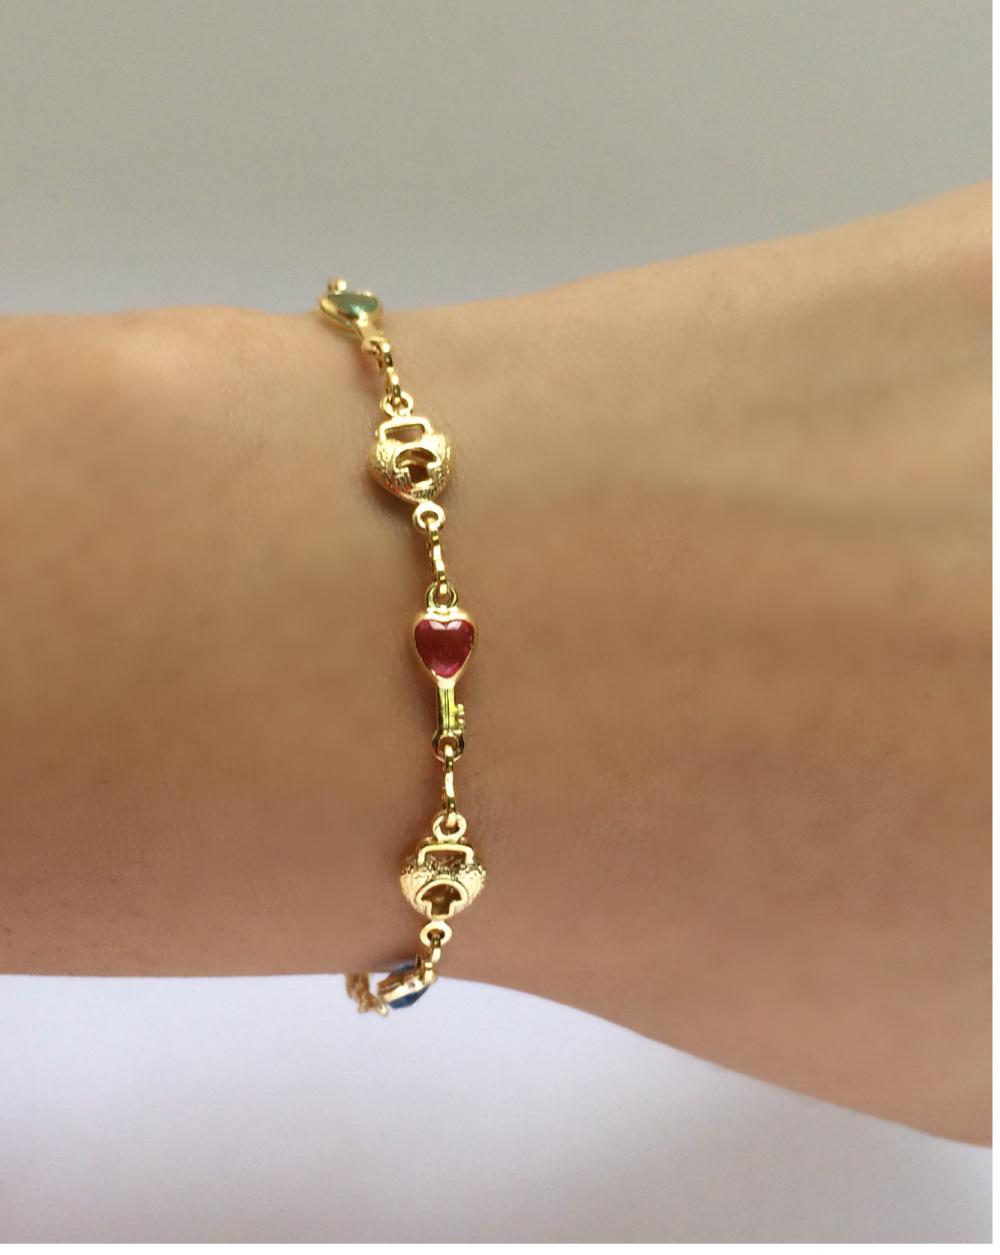 imagem pulseira com cadeado e chave banhado a ouro 18k